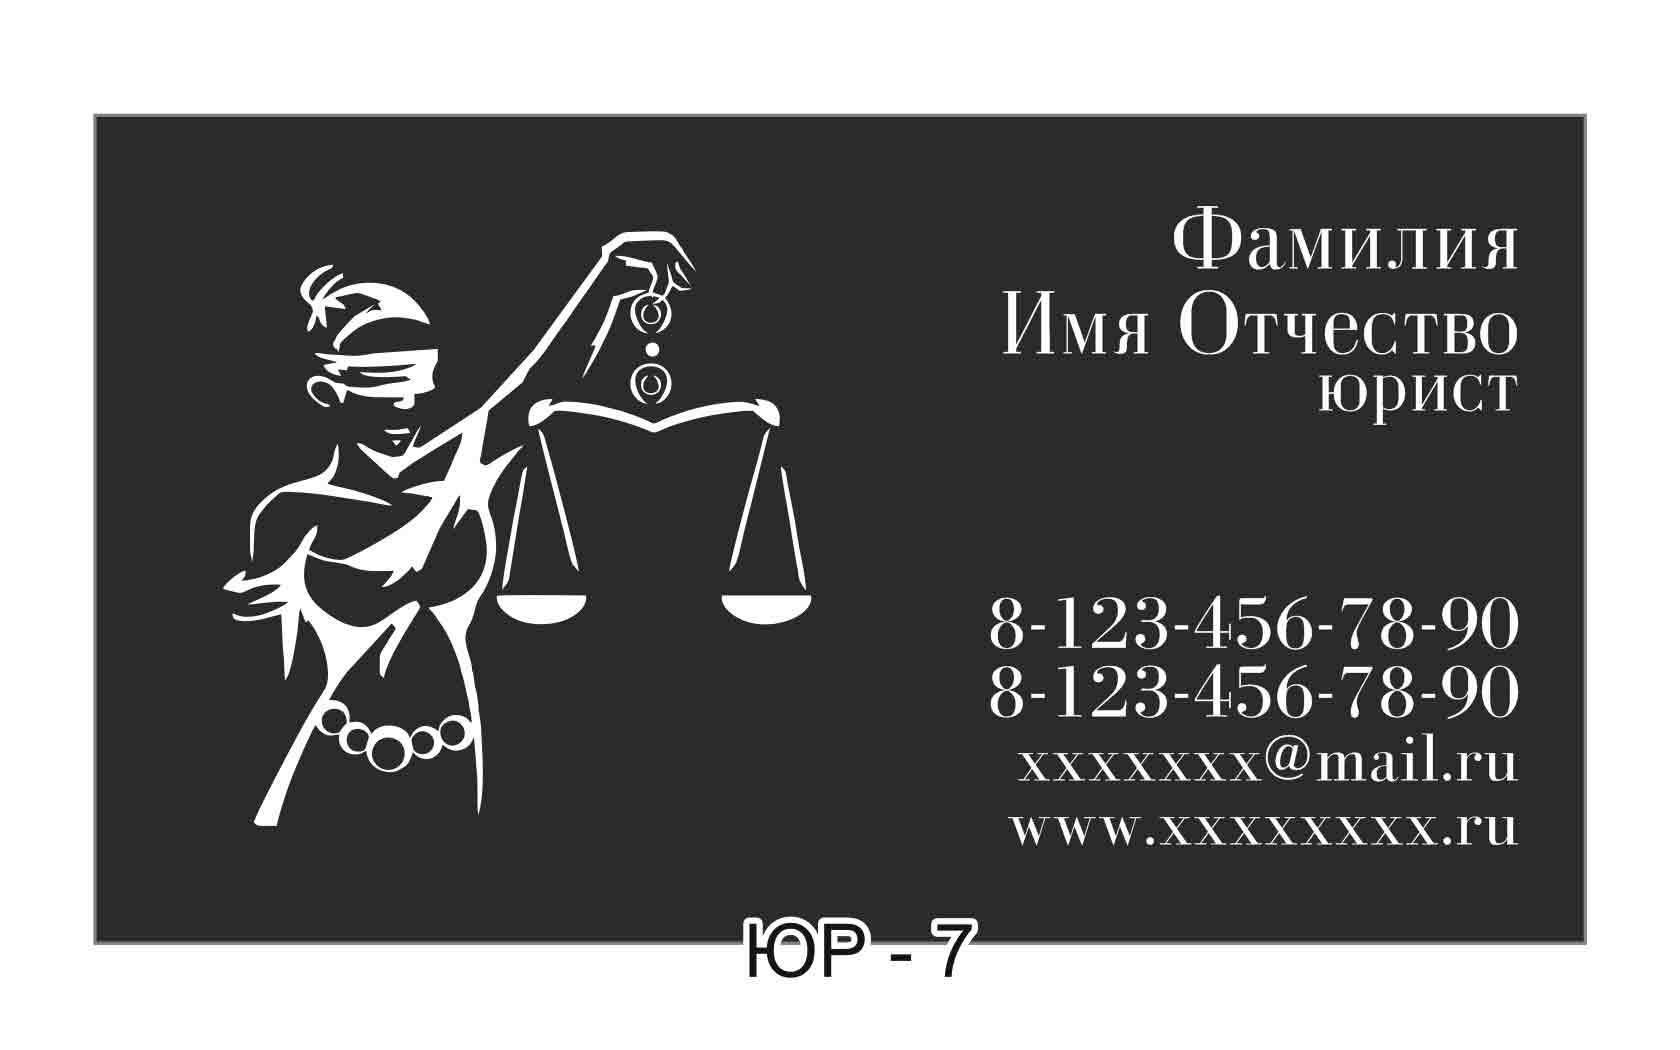 Визитки шаблоны юриста скачать бесплатно